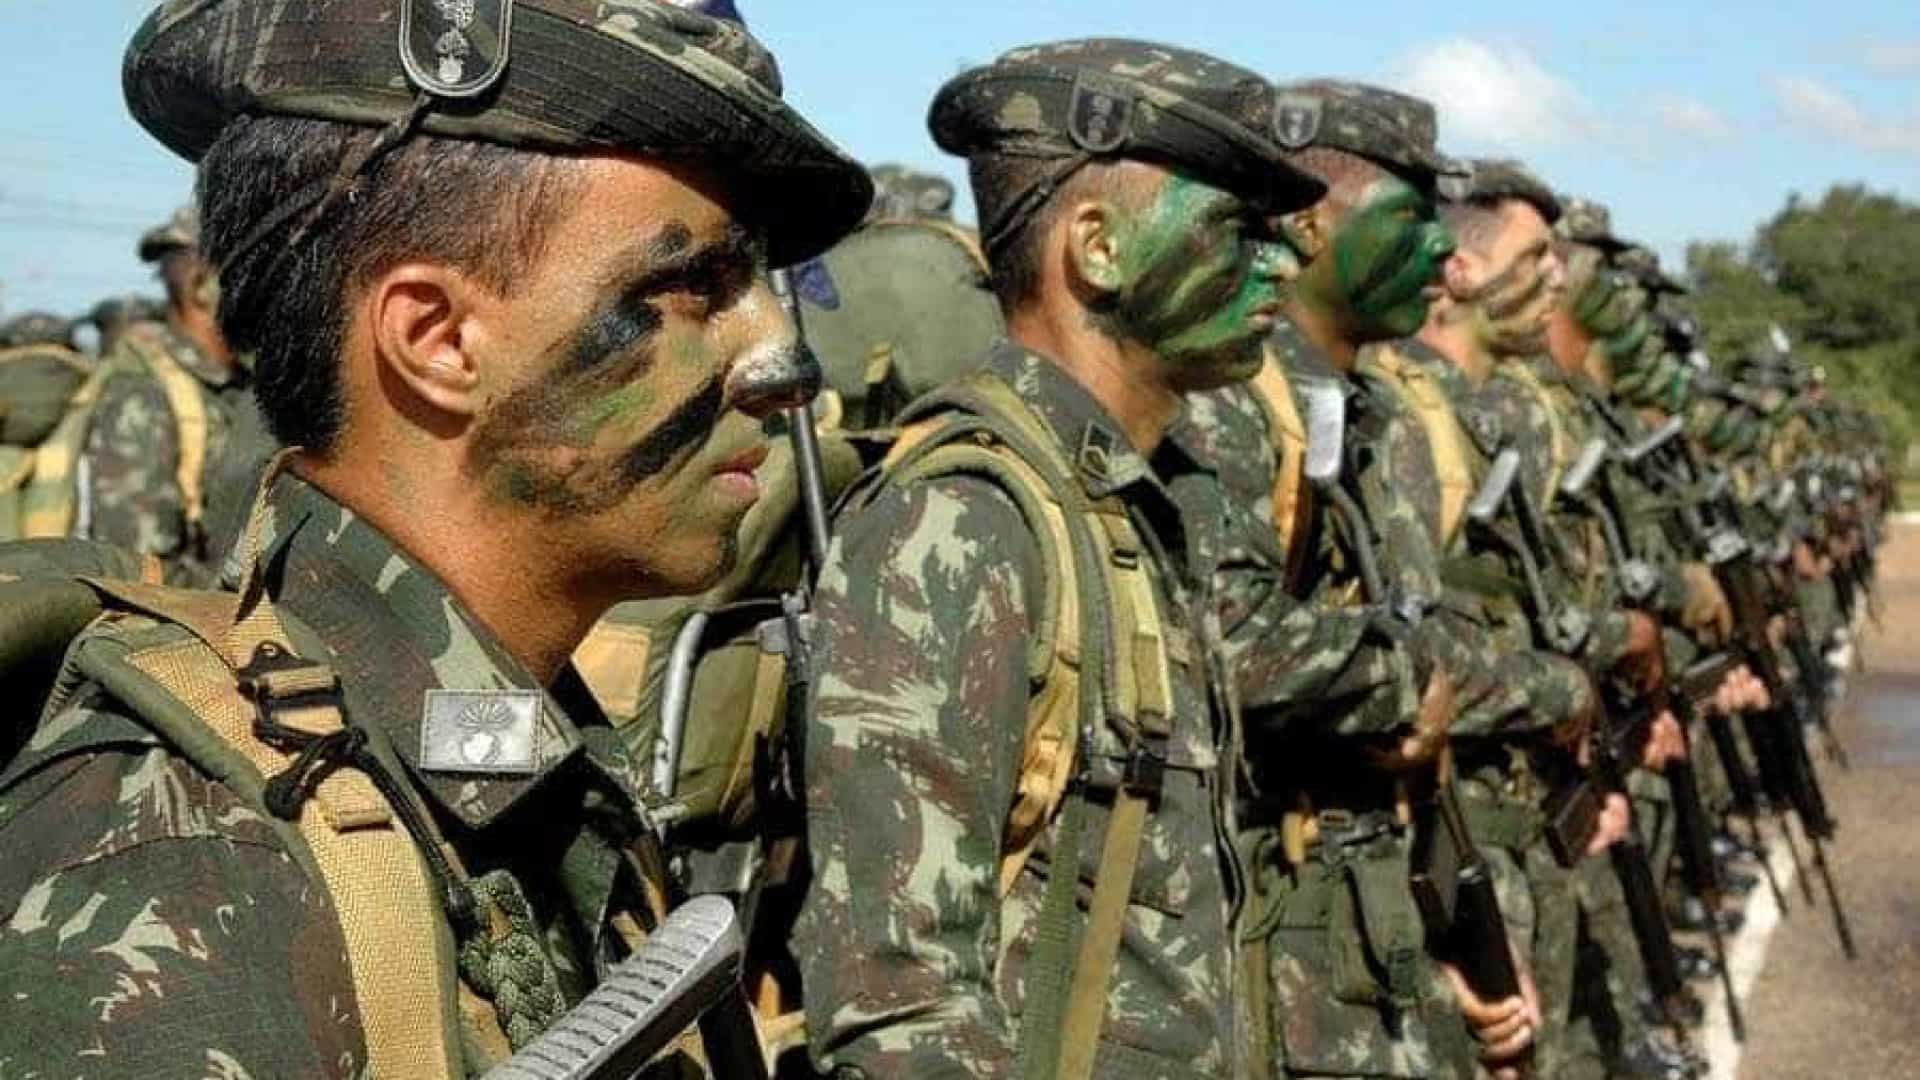 Últimos militares da missão de paz no Haiti retornam ao Brasil